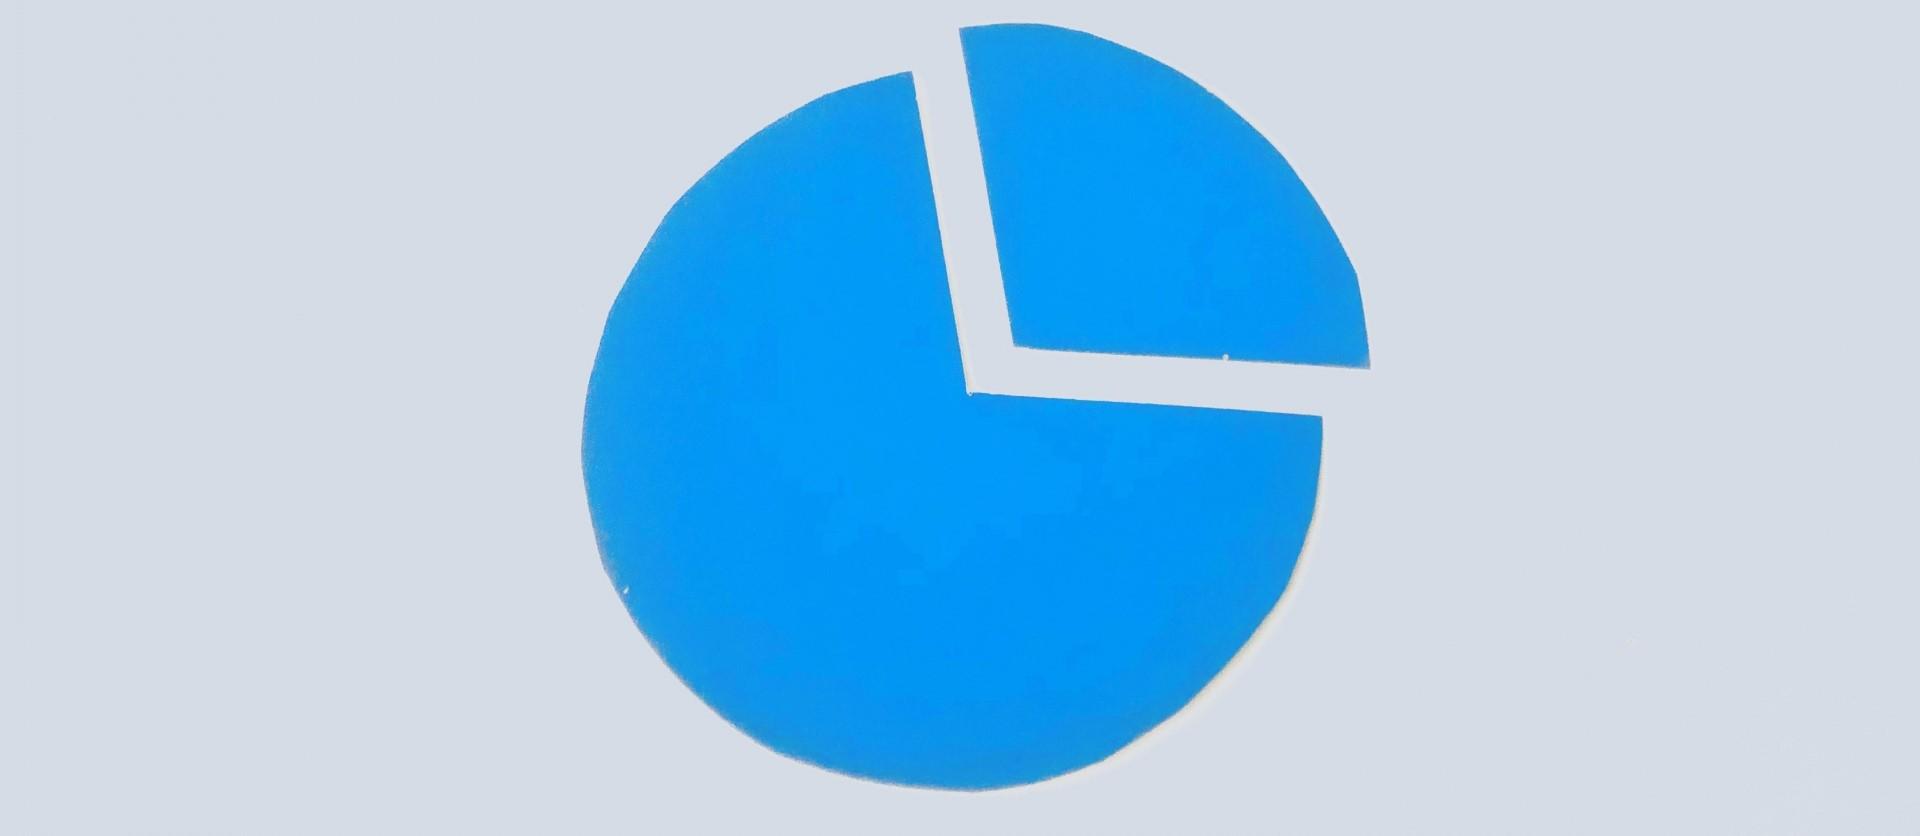 【卓球戦術】レシーブの考え方 3:7の比率について